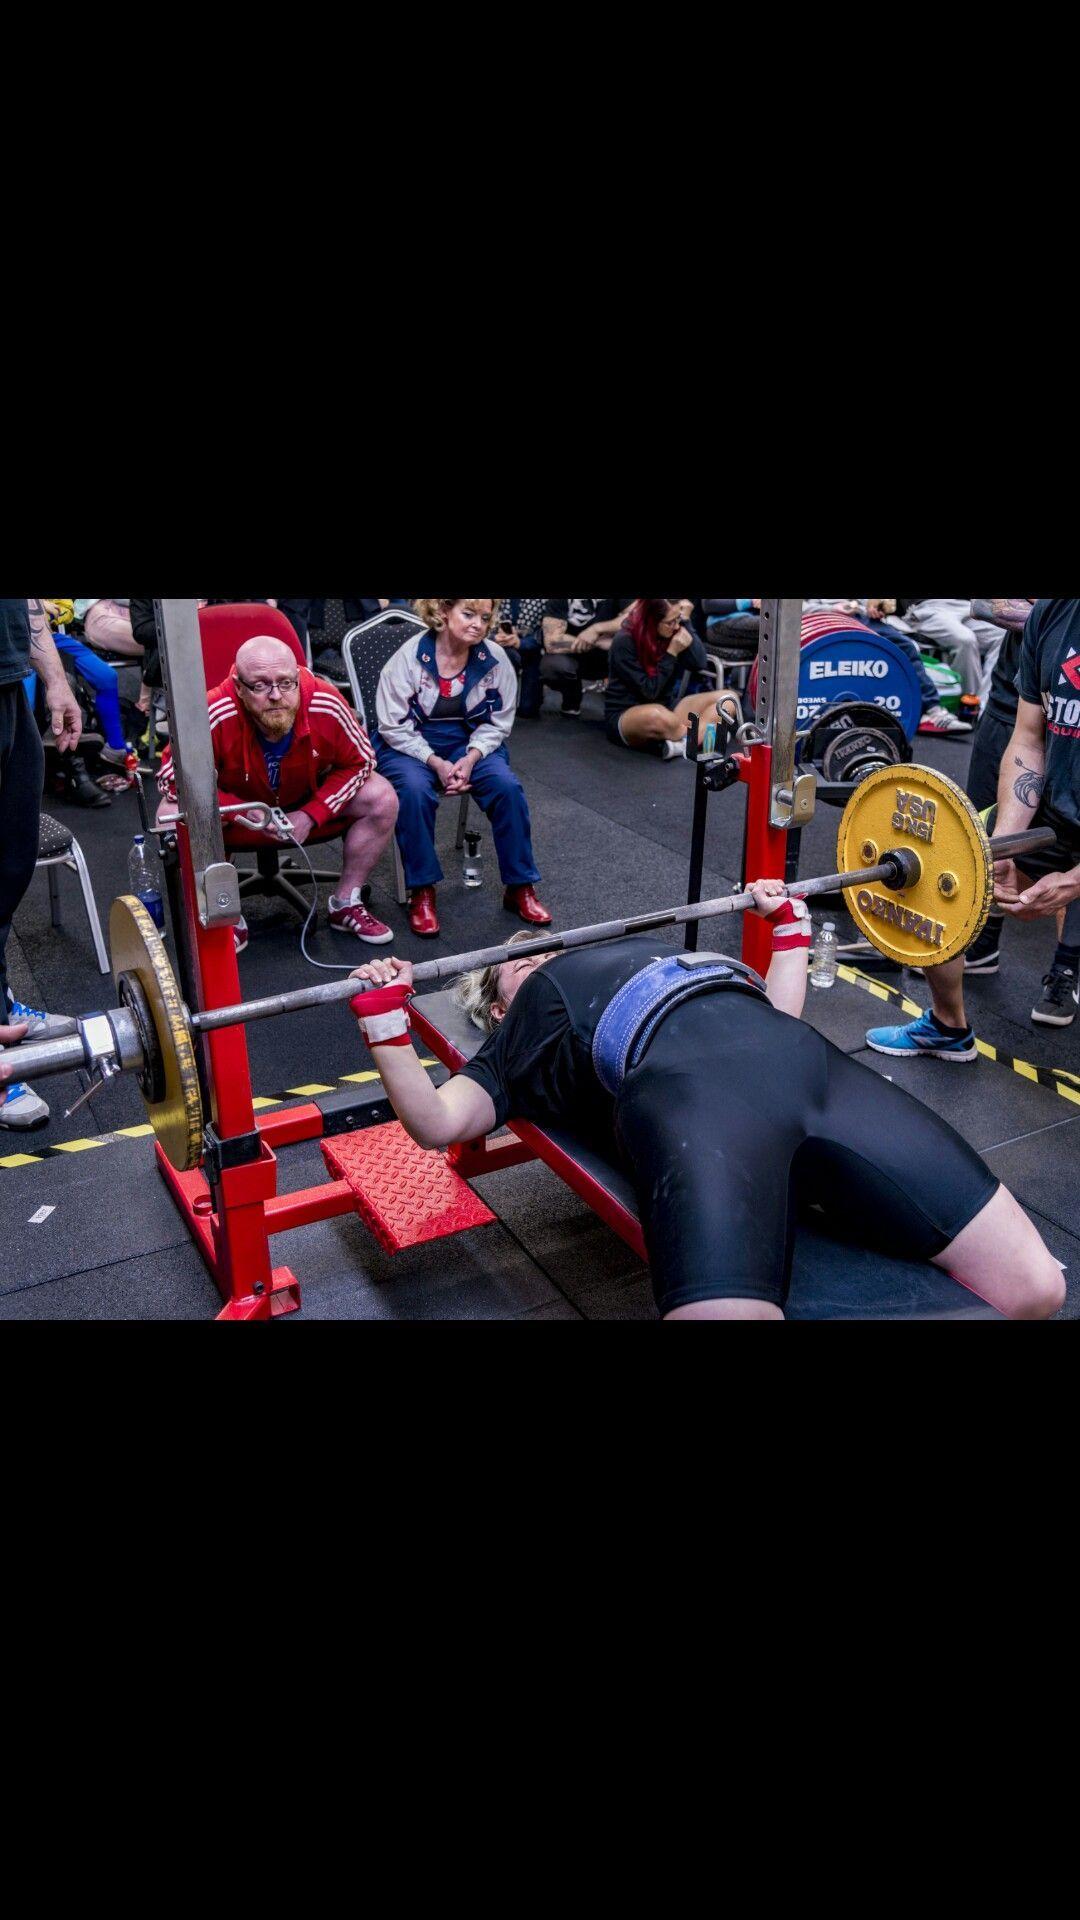 Powerlifting Womens Powerlifting Benching Weights Fitness Powerlifting Womens Powerlifting Benching Weights Fitness Beaut En 2020 Levantamiento De Pesas